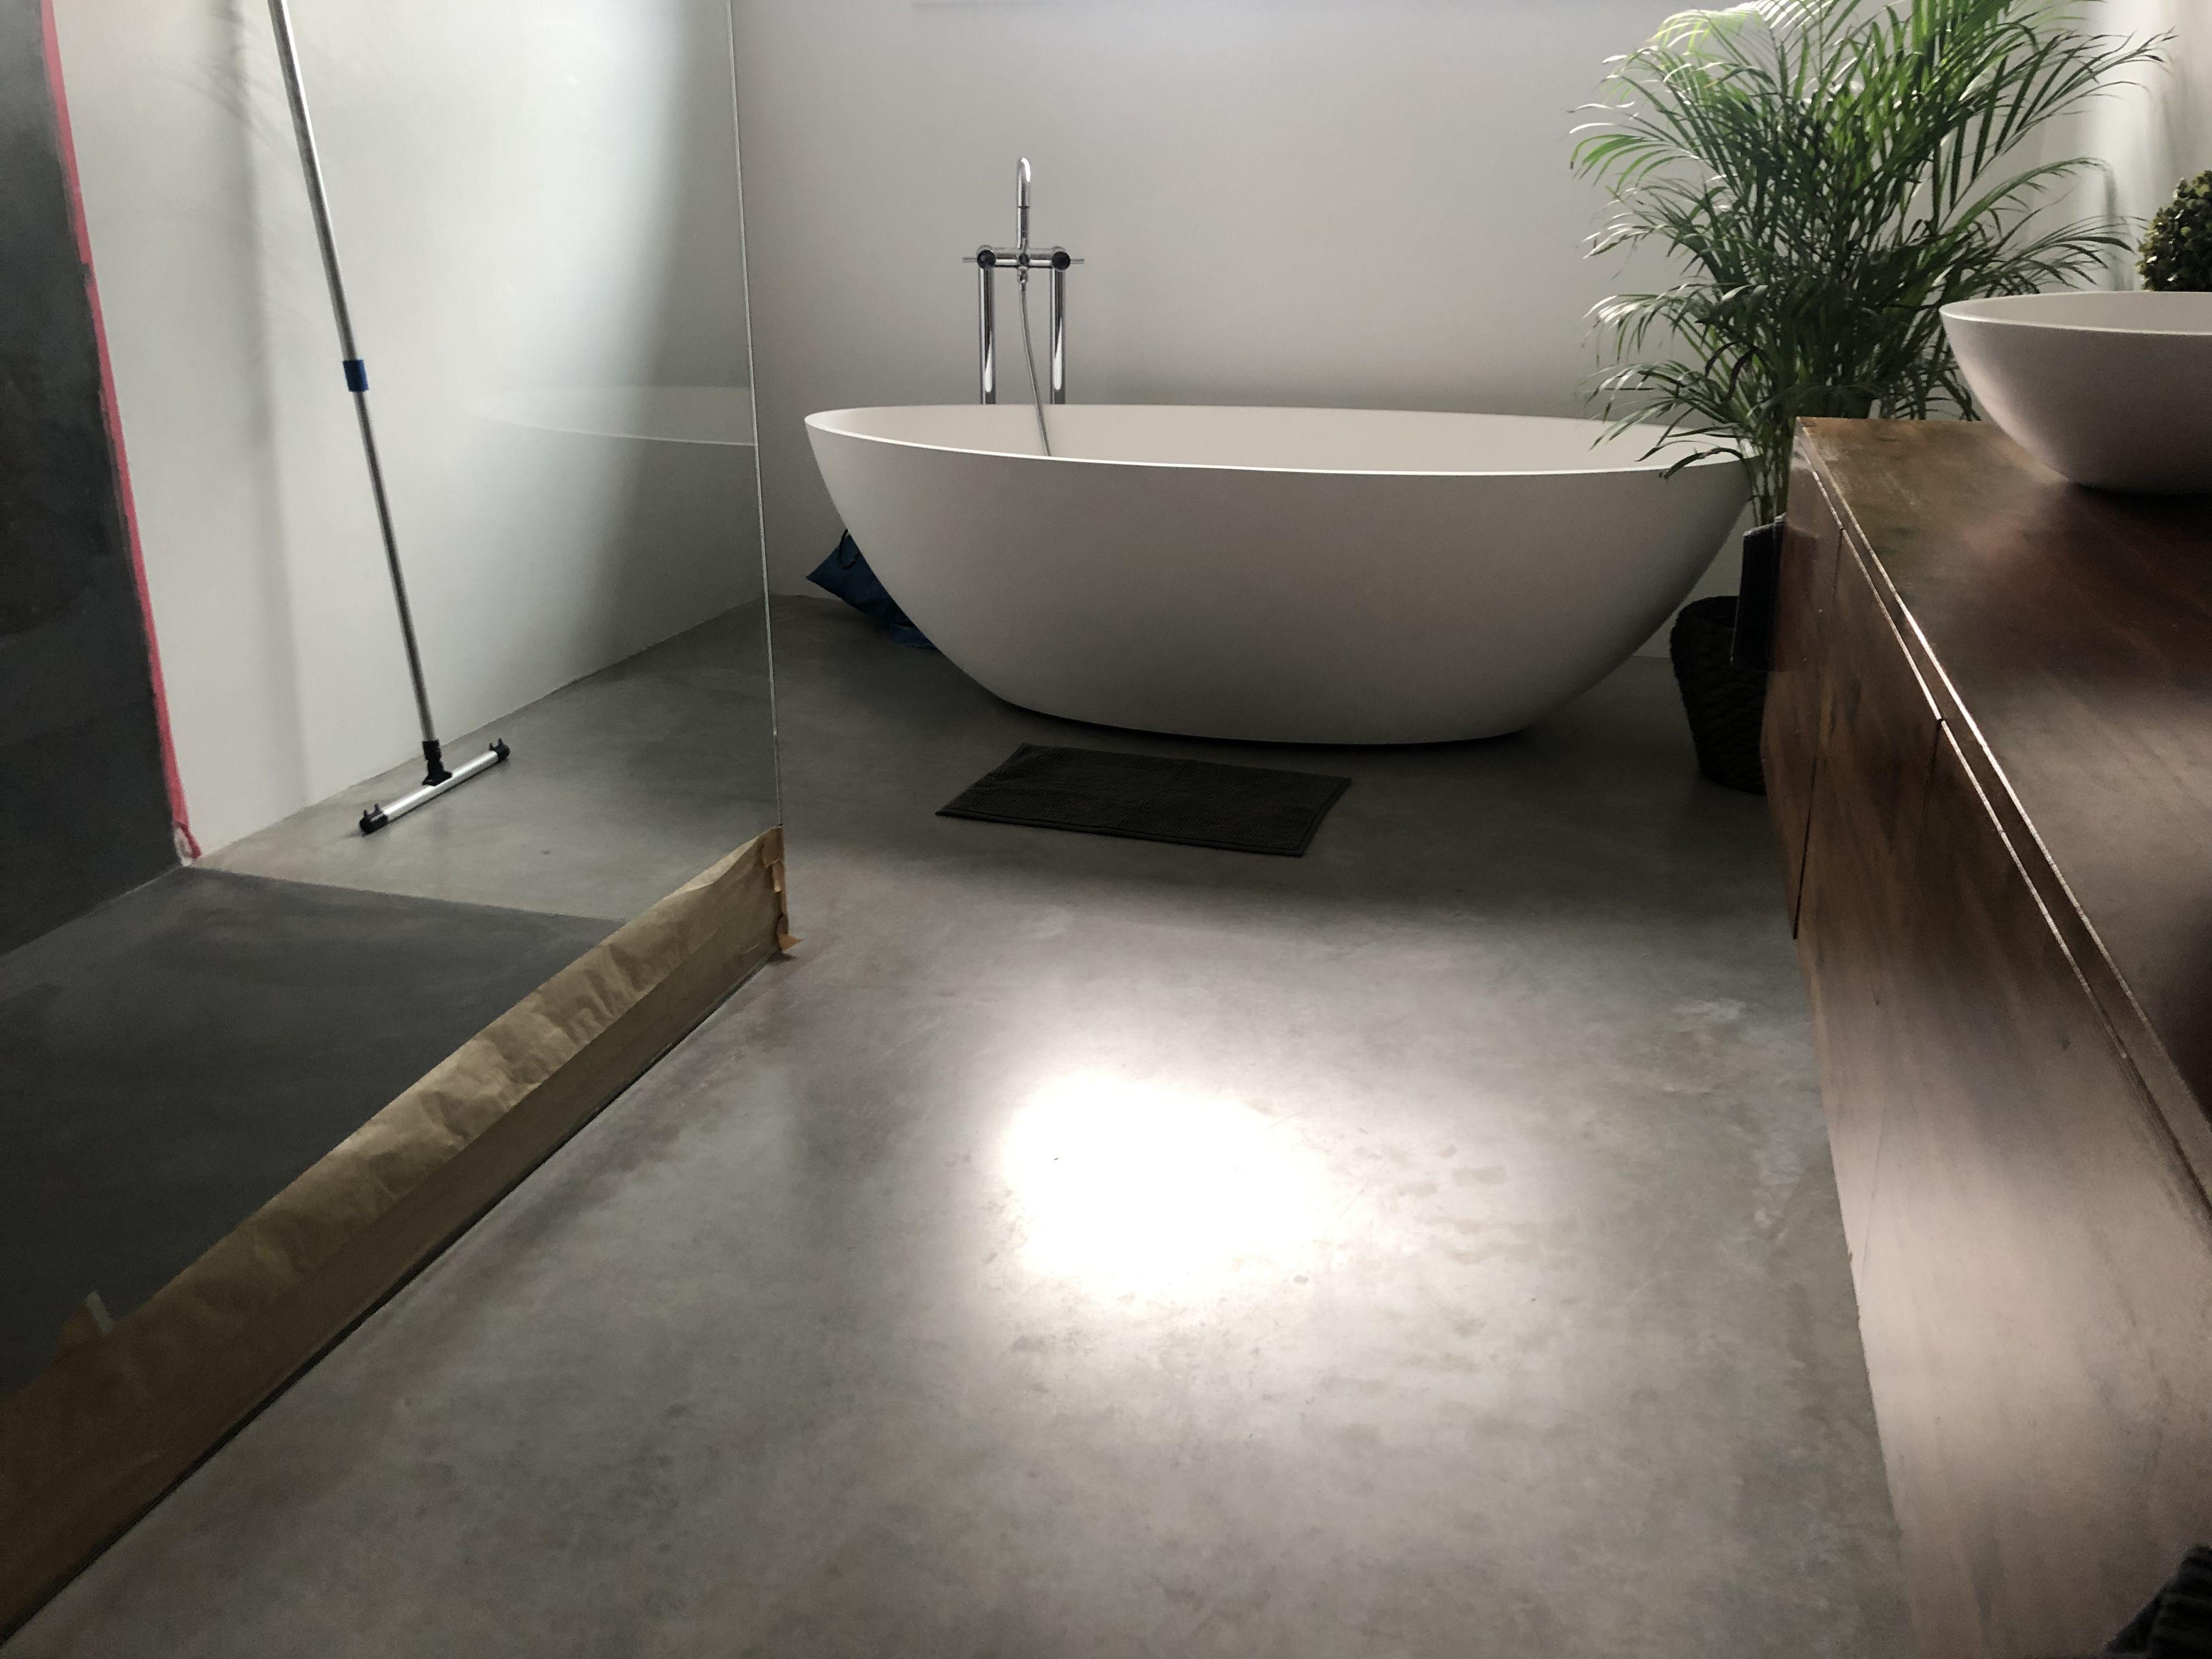 Impragnierung Von Estrich Durch Sinnofloor Cw2in1 Bietet Auch Fur Badezimmer Optimalen Schutz Bei Ausgezeichneter Umweltvertraglichkeit In 2020 Badezimmer Estrich Bad